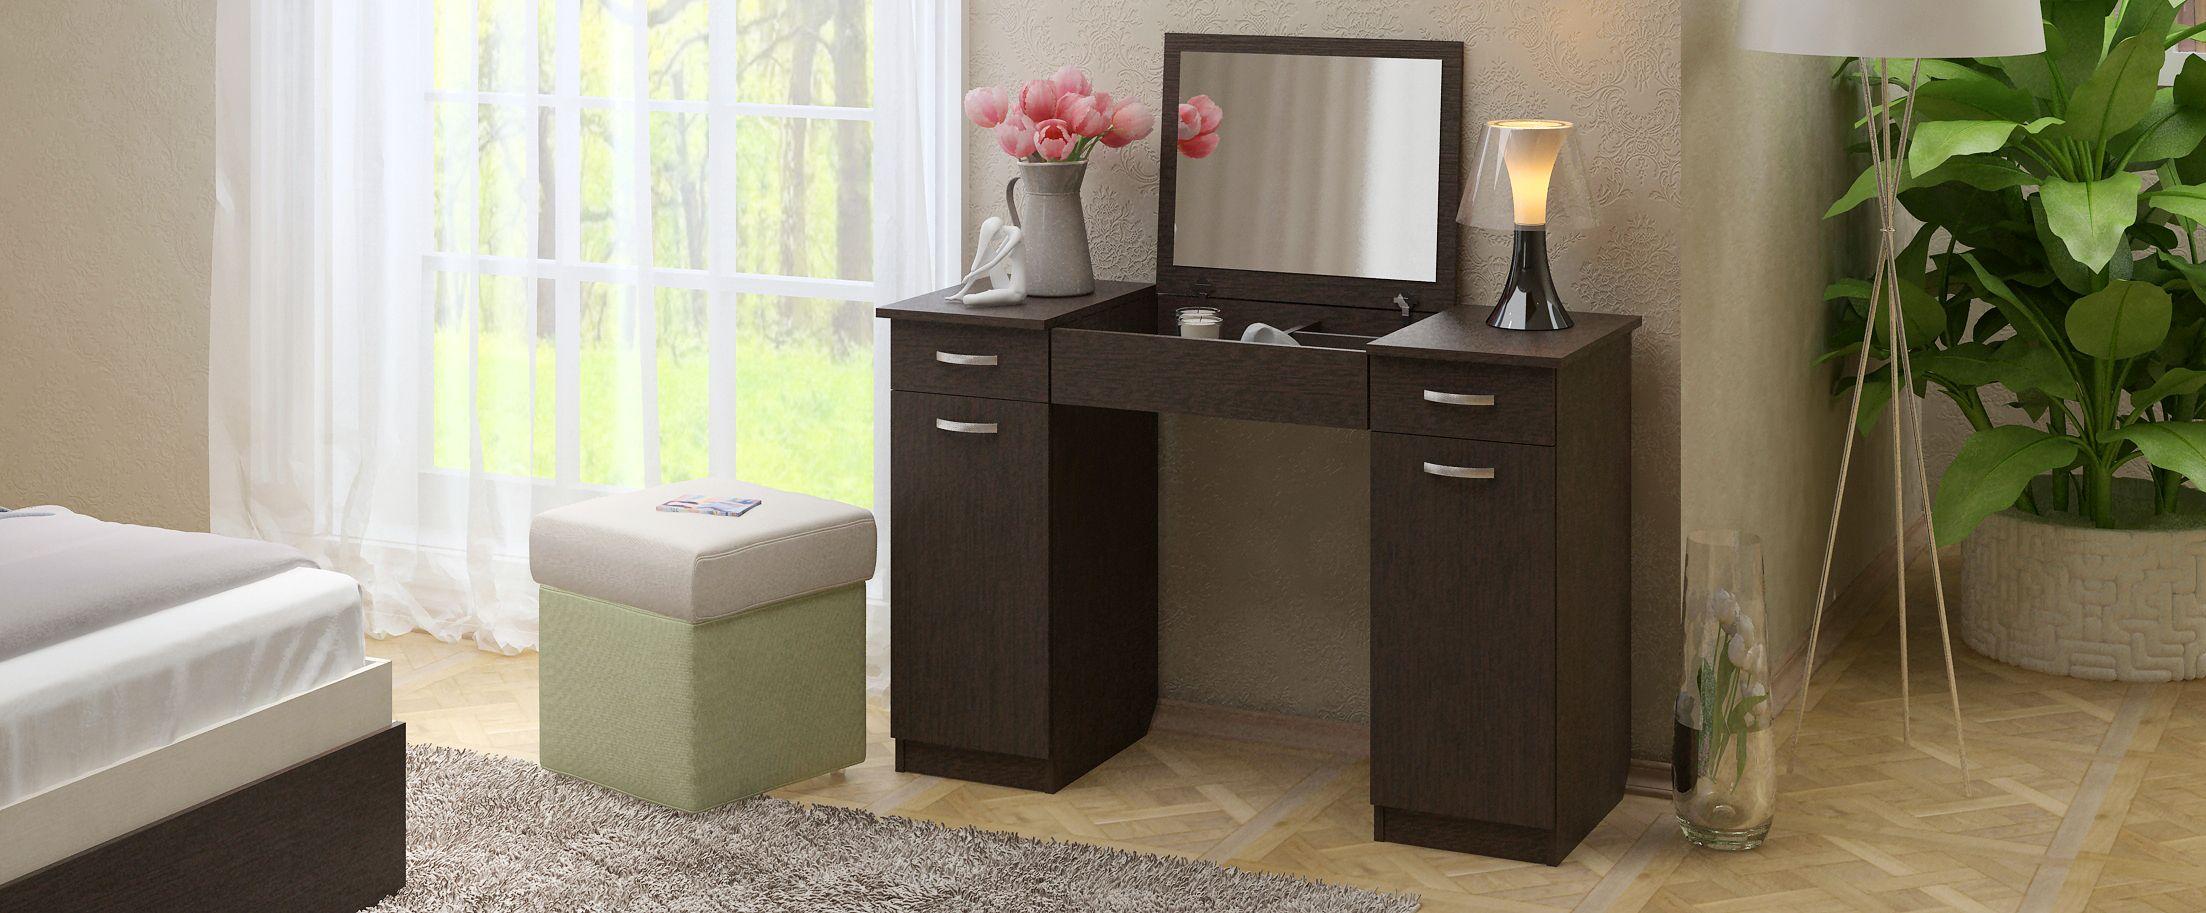 Туалетный столик Риано 5 Модель 803Туалетные столики «Риано» — изящное и стильное решение для современной спальни и других помещений.<br><br>Ширина см: 110<br>Глубина см: 47<br>Высота см: 78<br>Материал фасада: ЛДСП<br>Материал корпуса: ЛДСП<br>Цвет: Венге